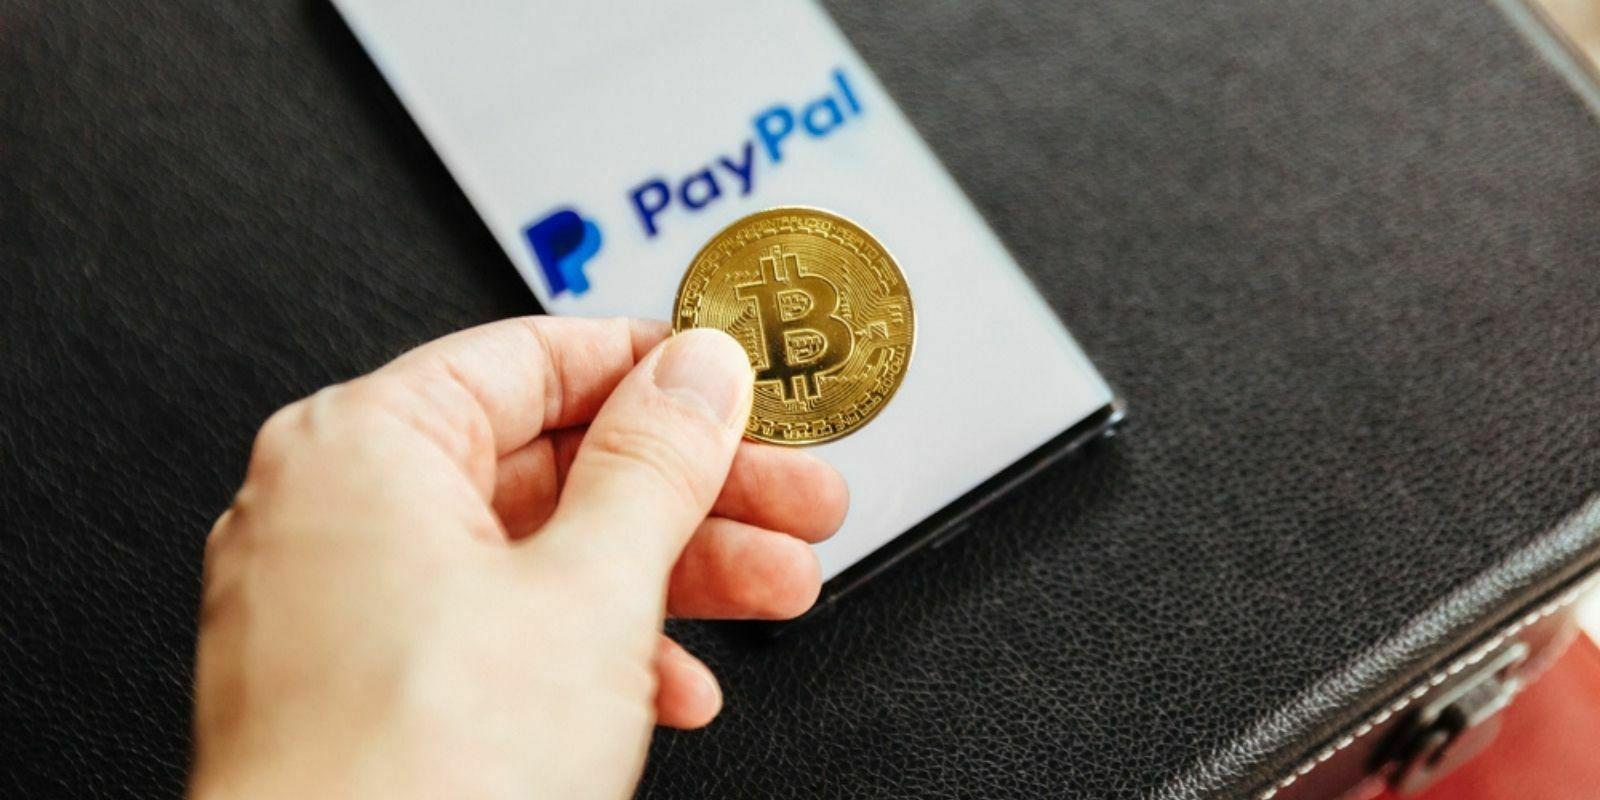 PayPal: 65% des utilisateurs de cryptos prêts à utiliser Bitcoin (BTC) pour leurs achats